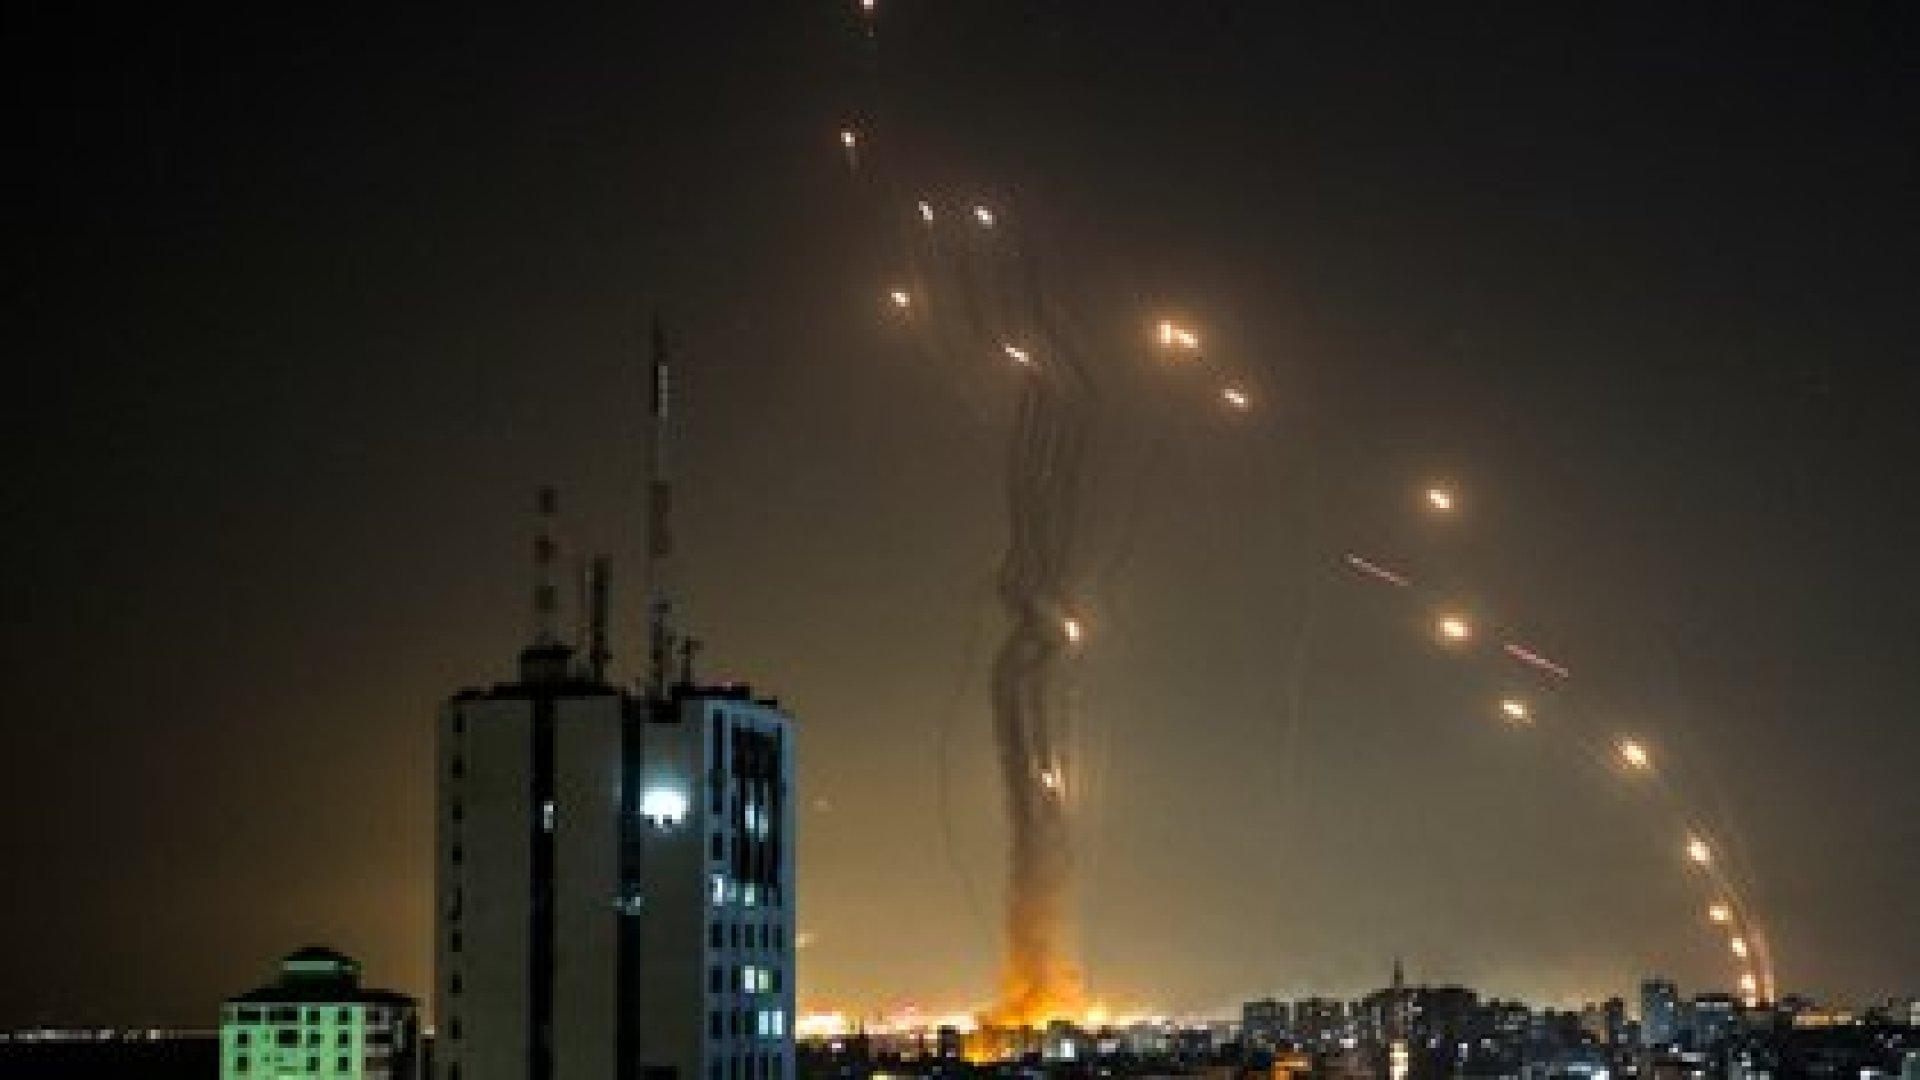 Cohetes lanzados desde Gaza contra la ciudad de Tel Aviv son interceptados por la Cúpula de Hierro (MOHAMMED ABED / AFP)